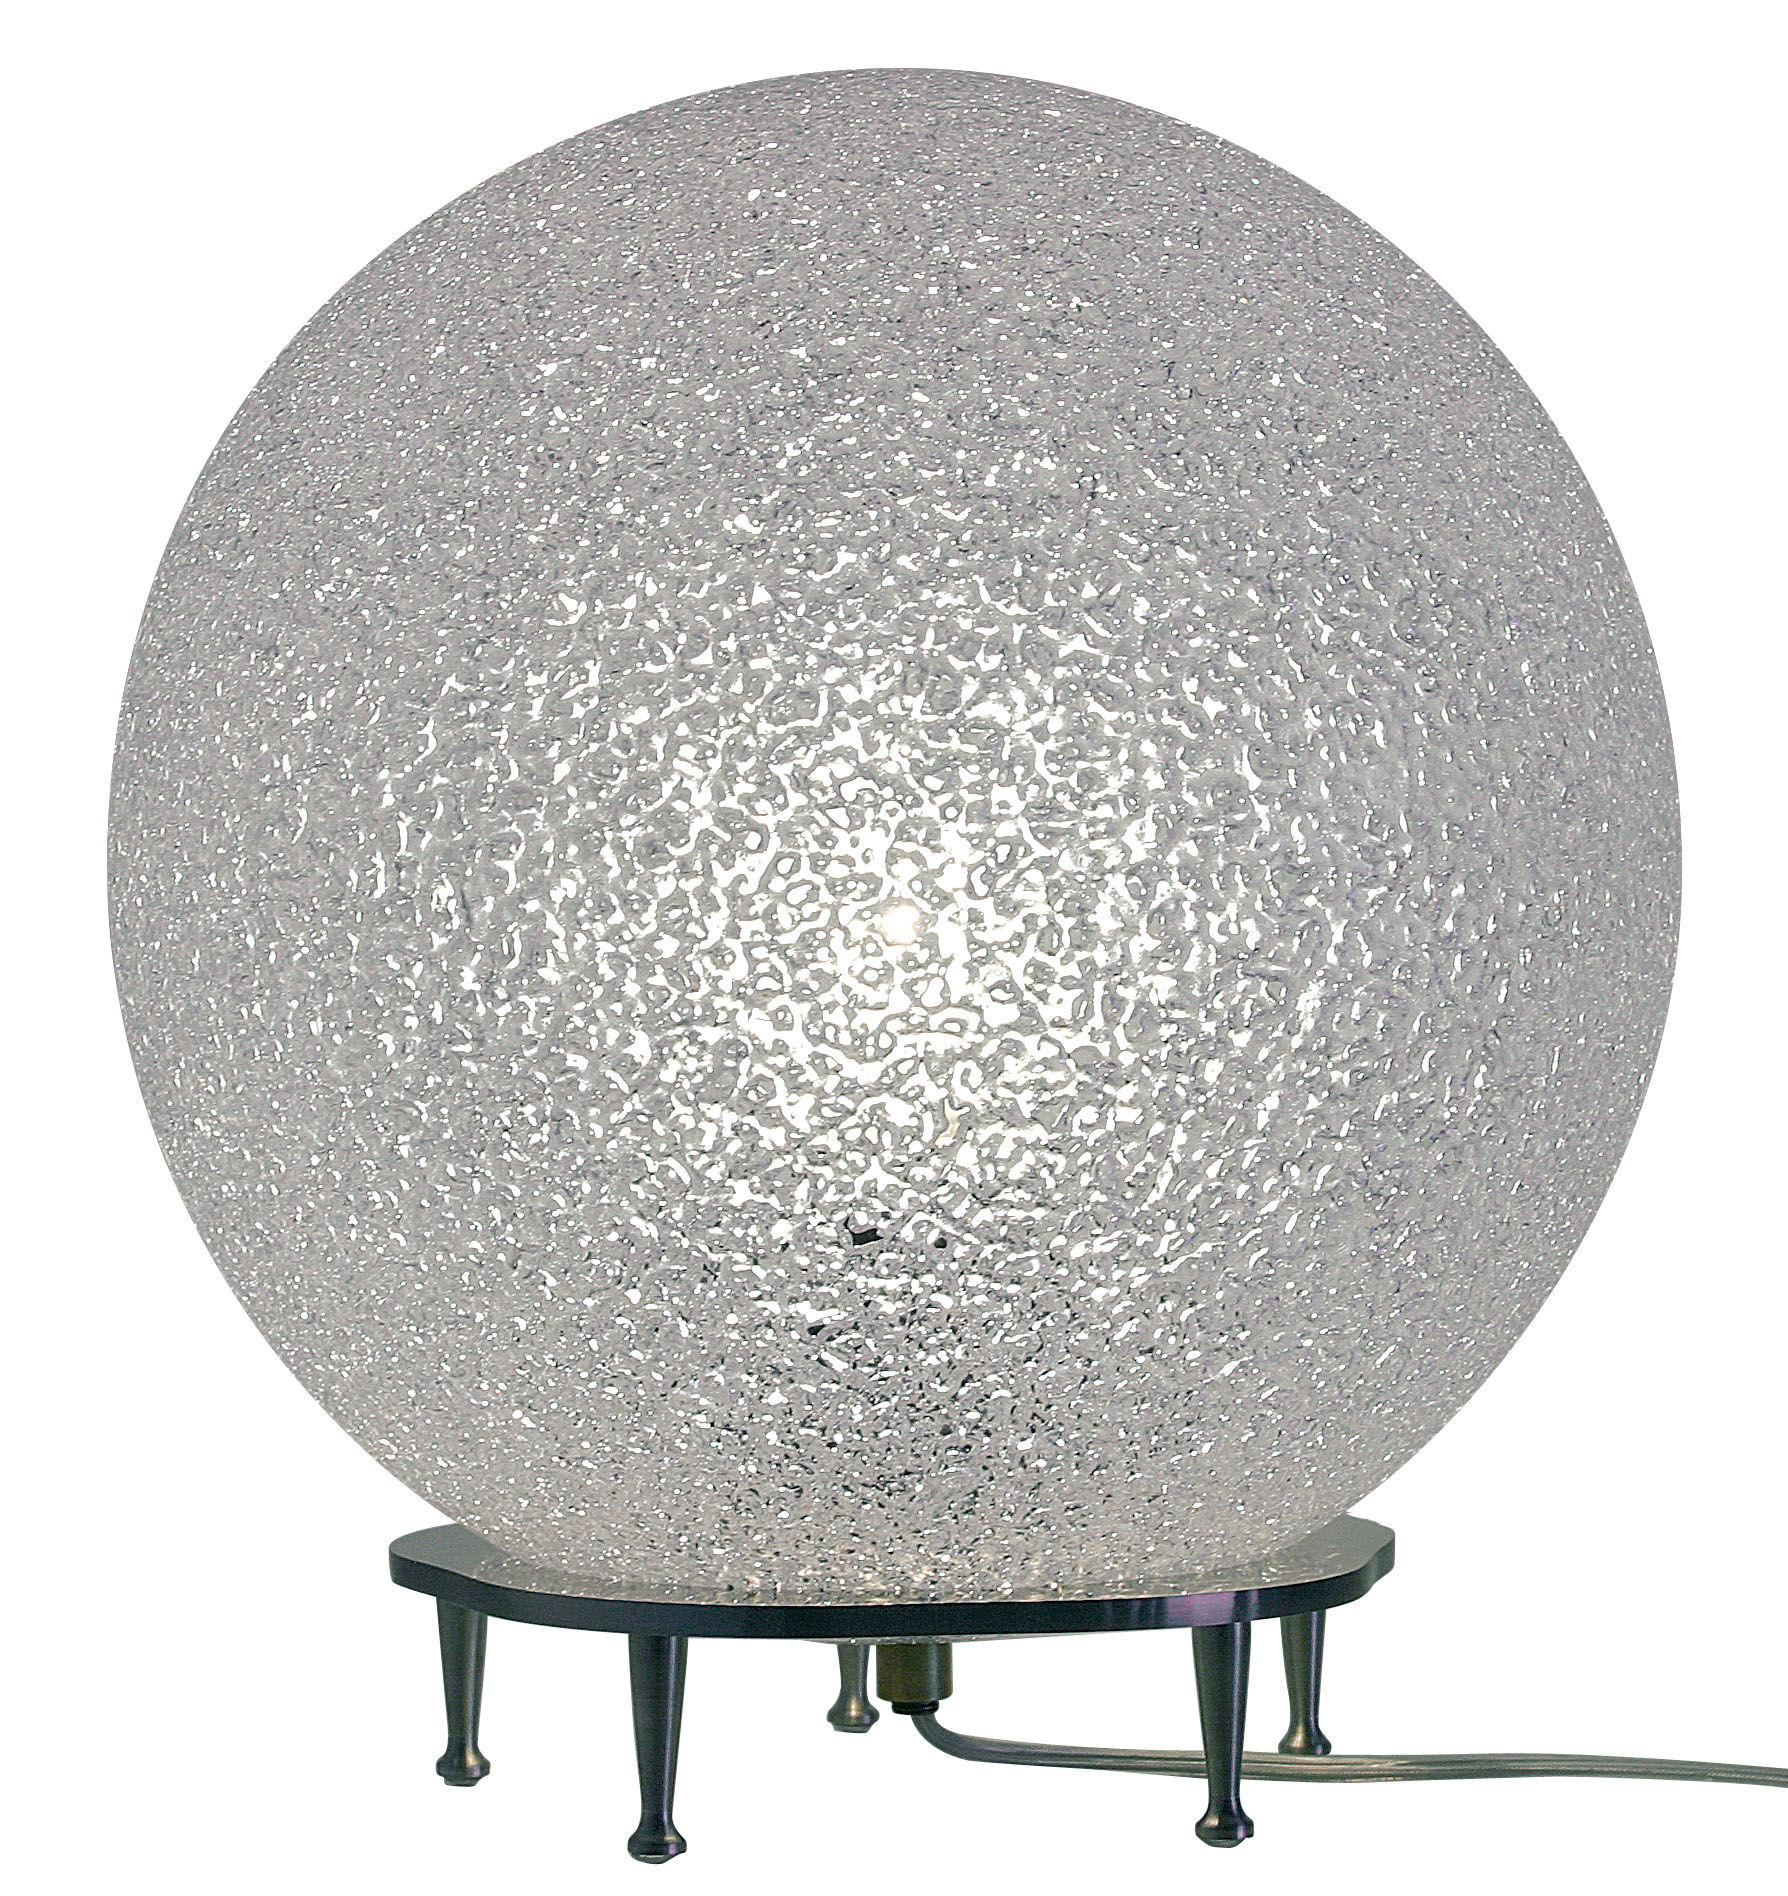 Leuchten - Tischleuchten - IceGlobe Bodenleuchte / Ø 57 cm - Lumen Center Italia - Ø 57 cm - weiß - Metall, Polykarbonat